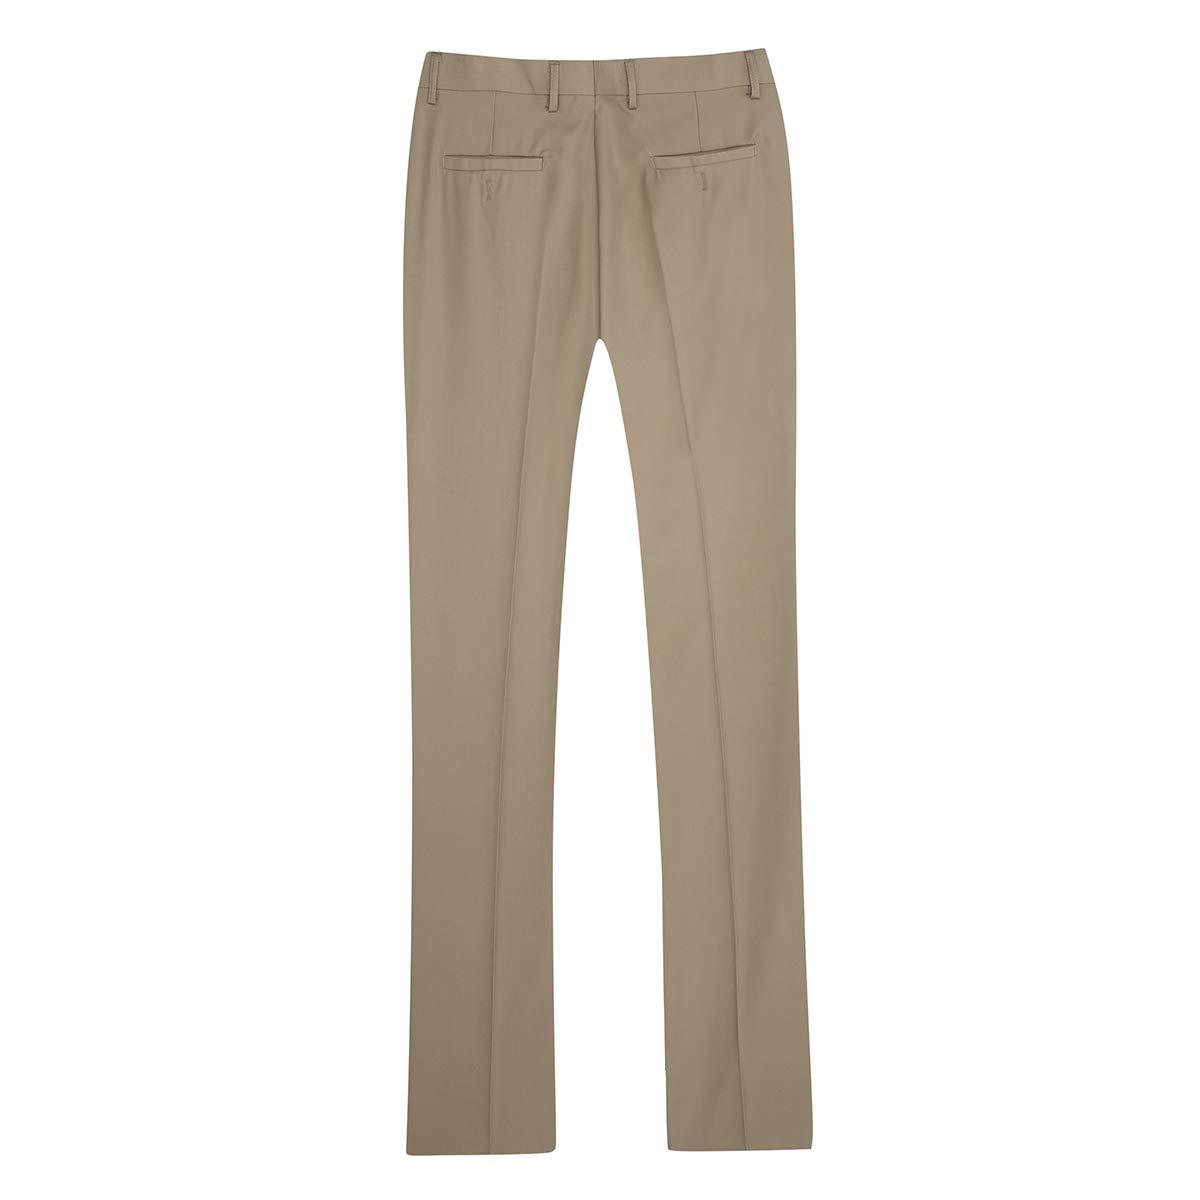 Hombre Youthup Traje Para Hombres Blazer Y Pantalones Elegantes Trajes Para Hombre De Vestir Ropa Aceautocare Net